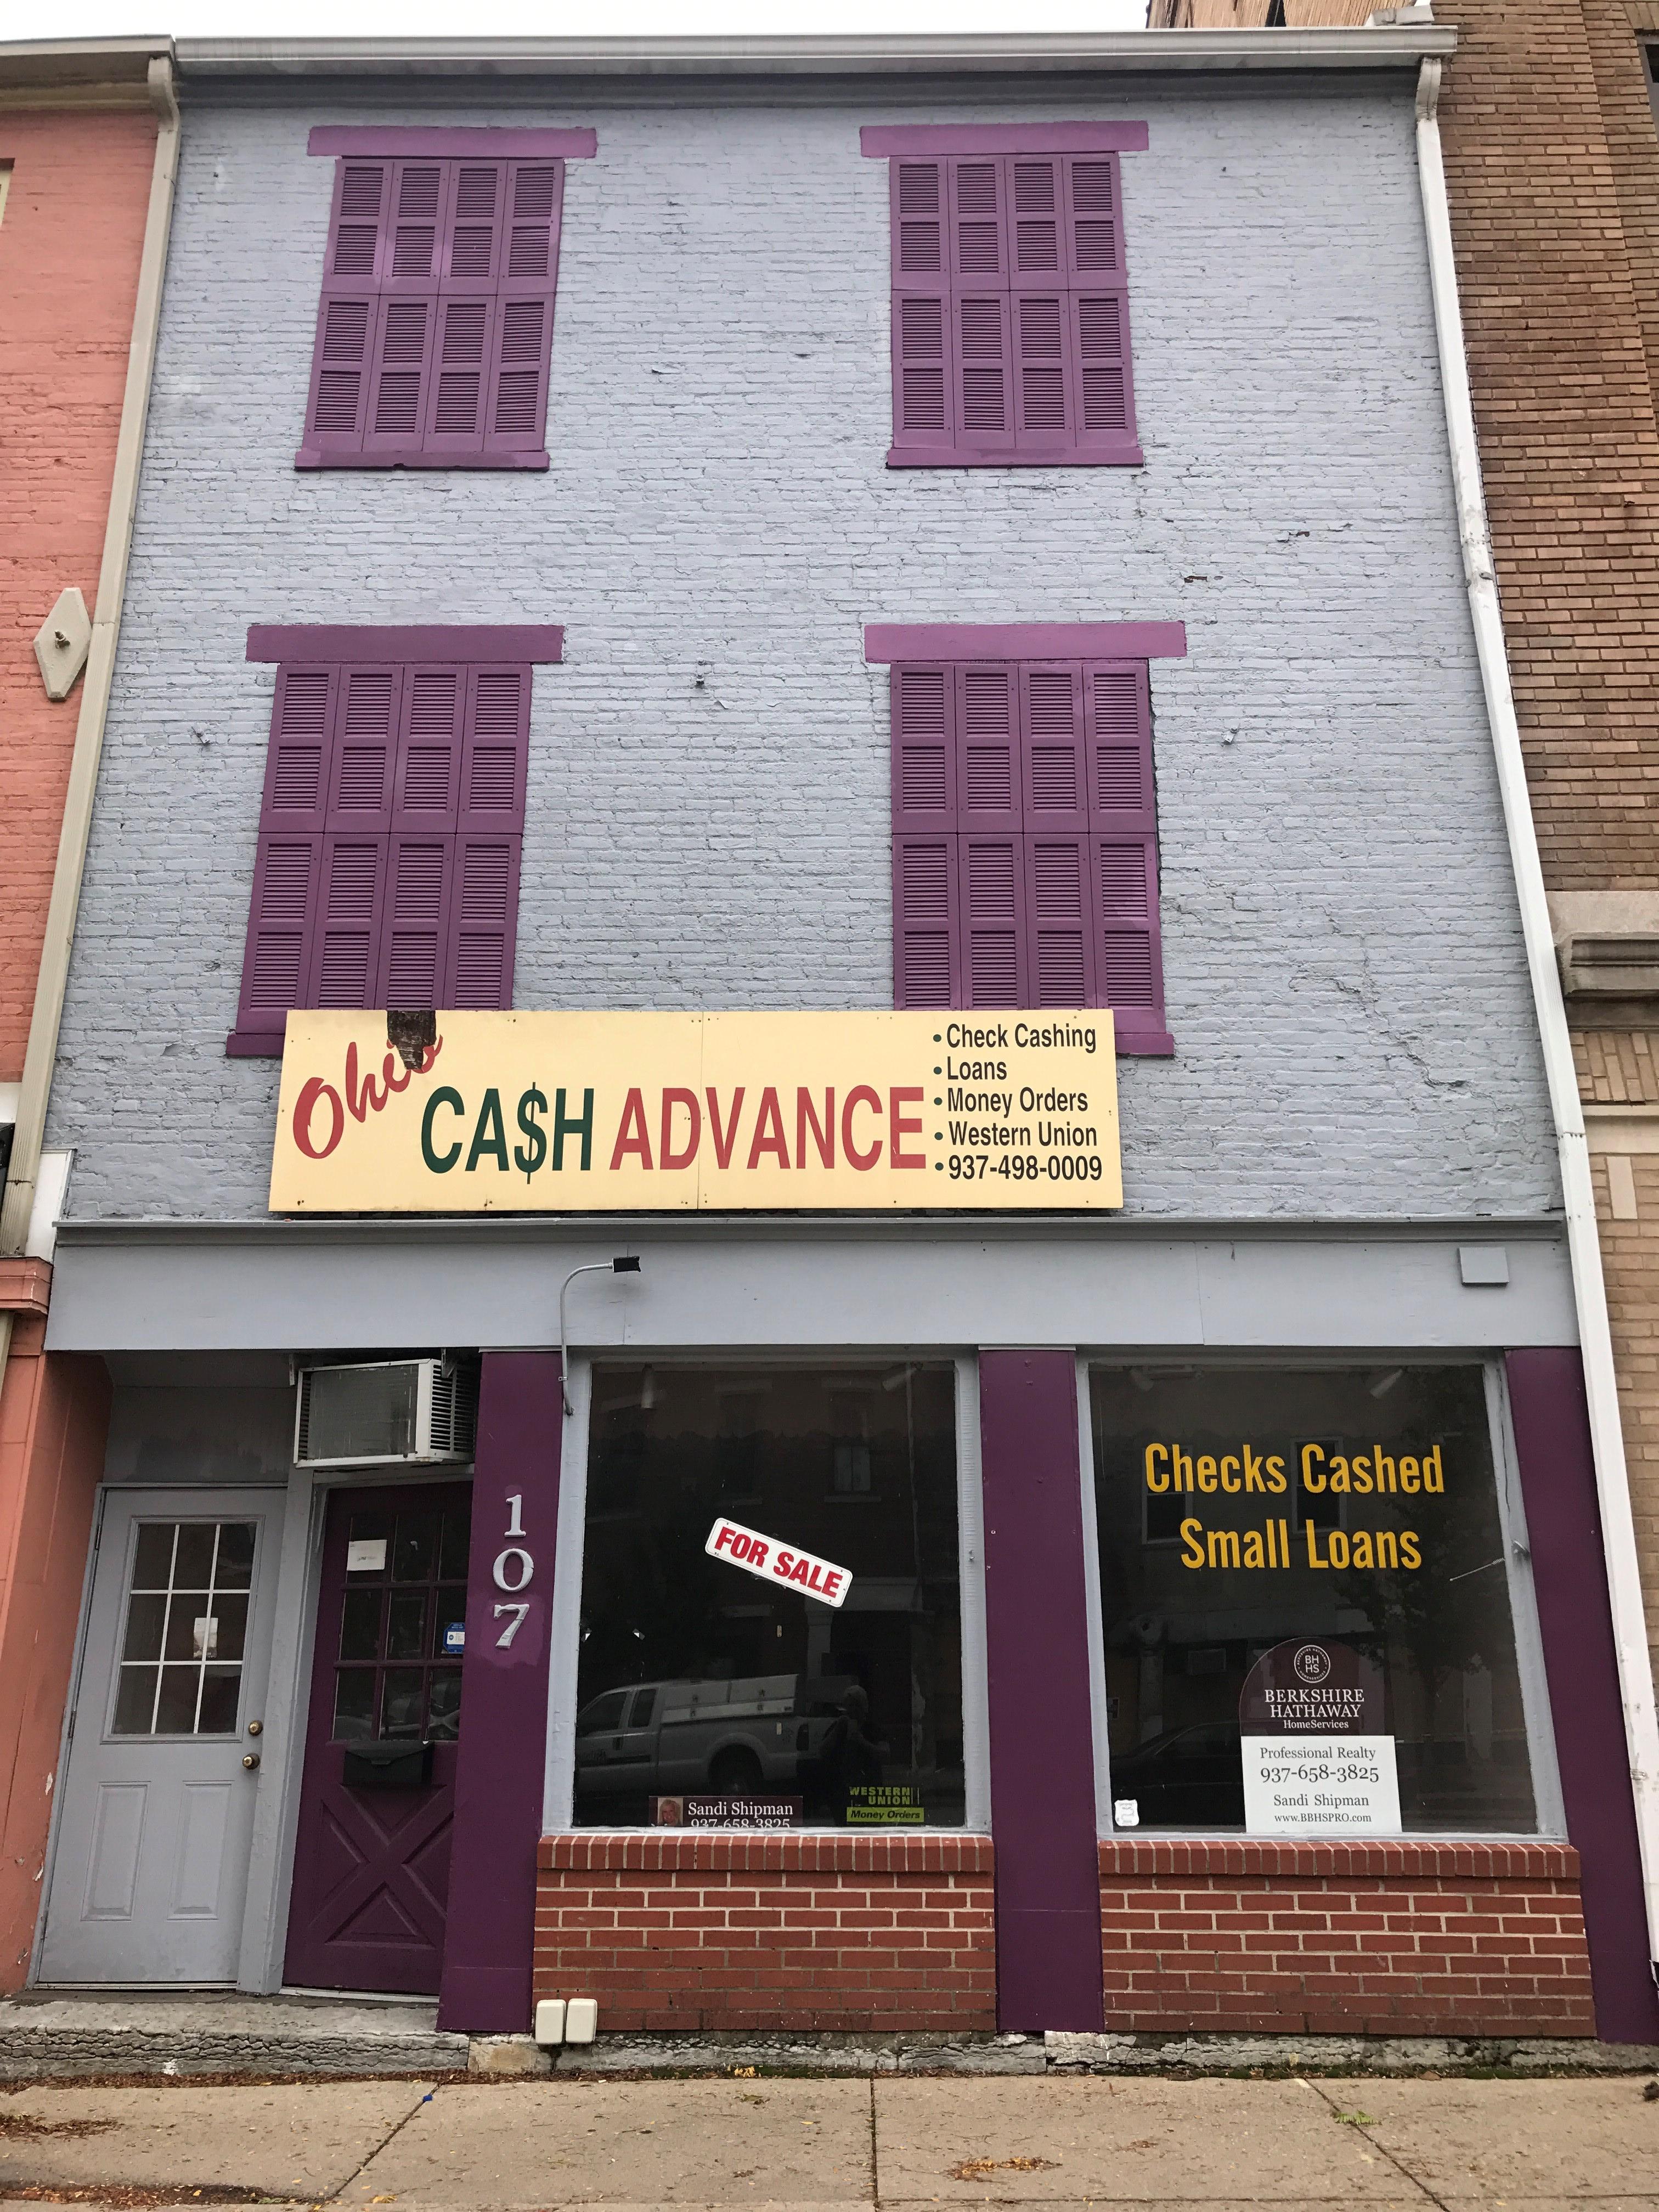 Hawaii cash advance photo 9